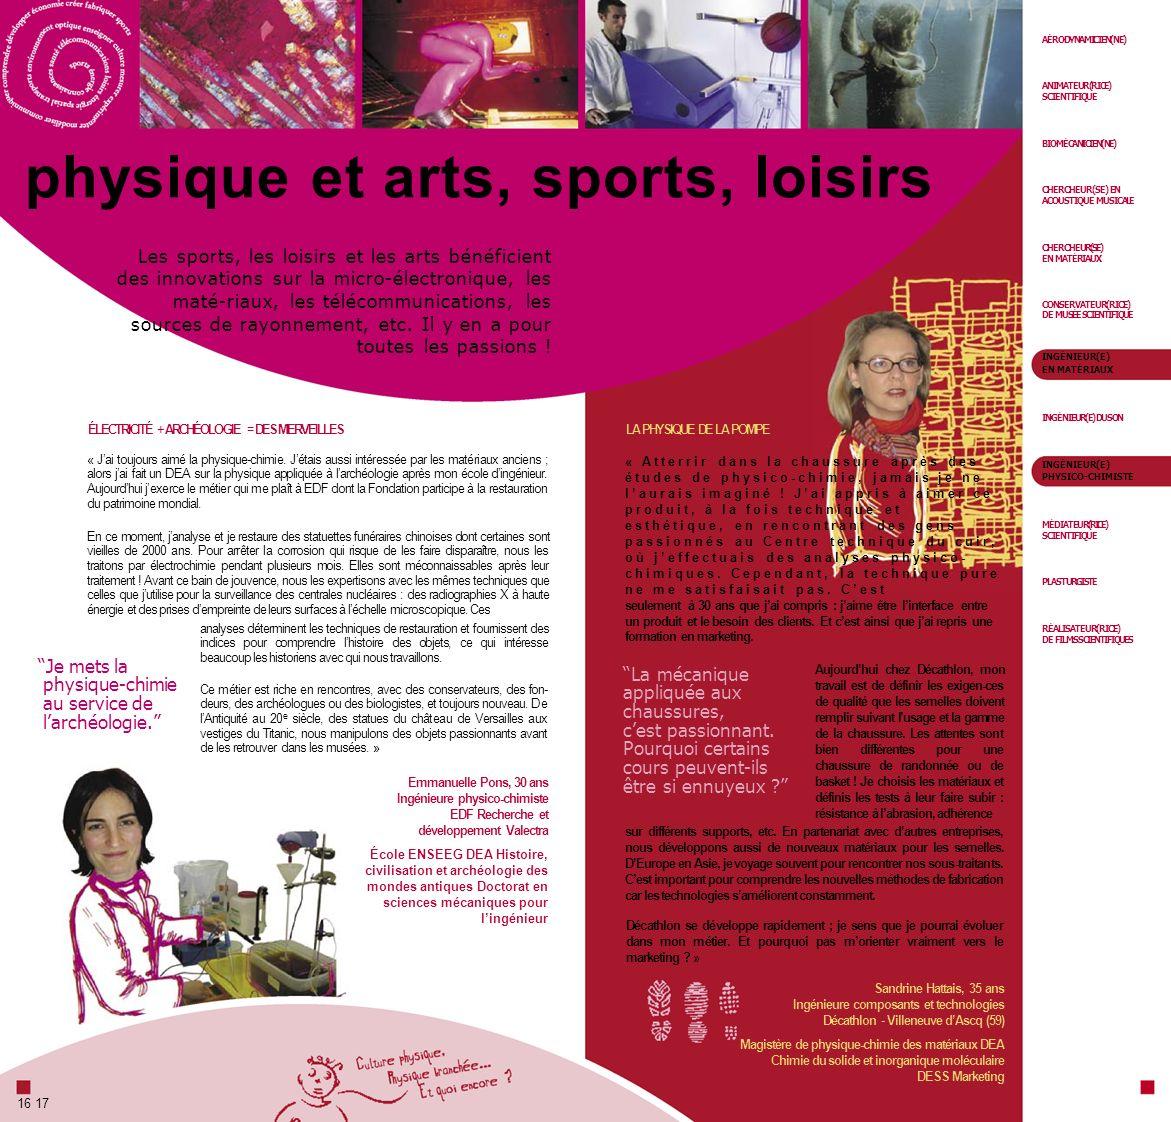 physique et arts, sports, loisirs